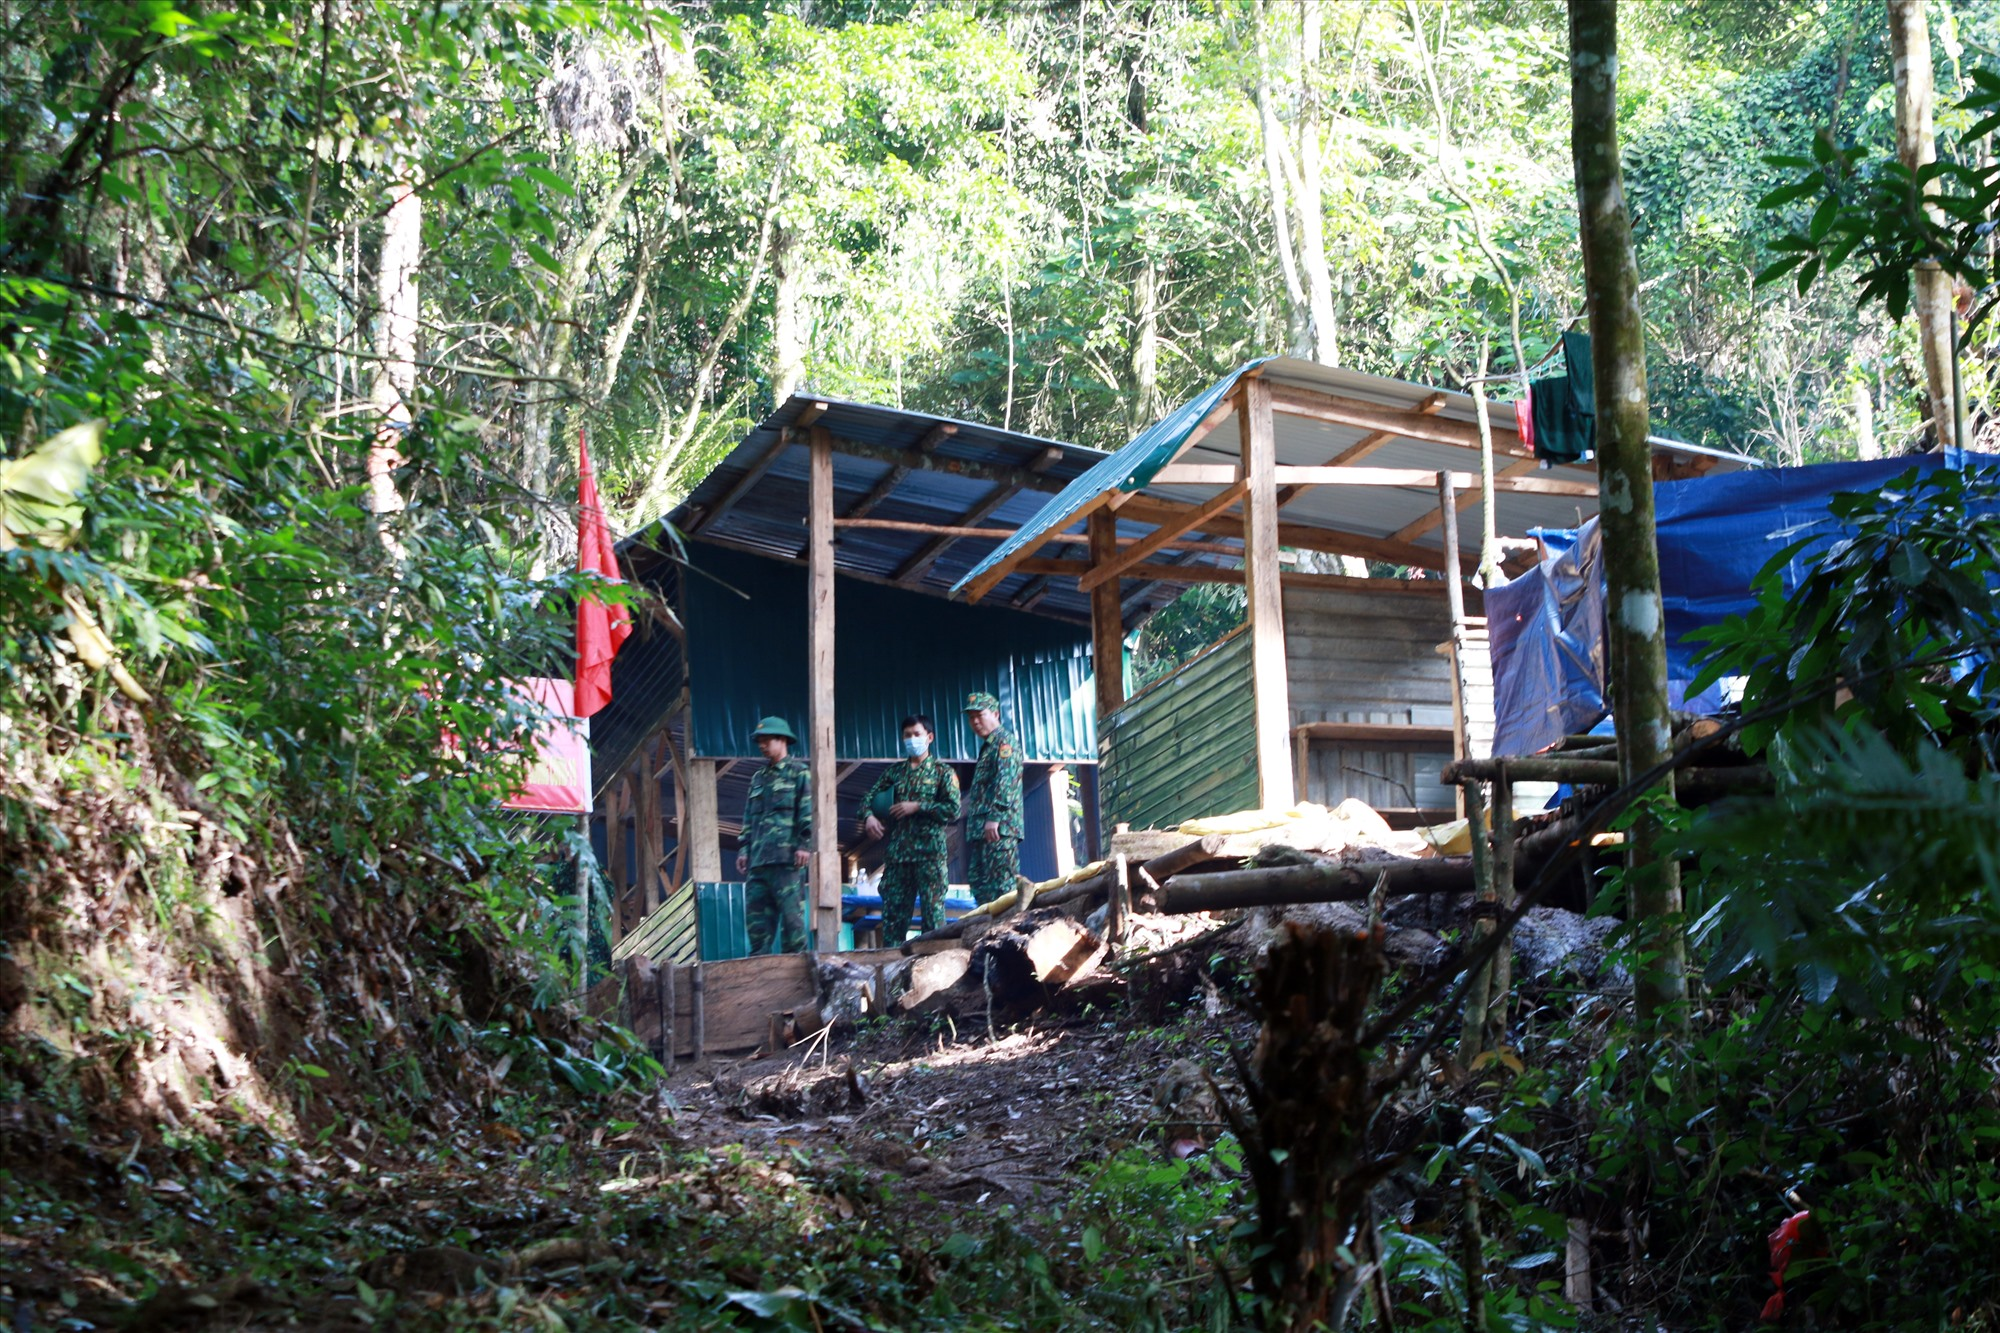 Chốt kiểm soát gần khu vực cột mốc 691 đã được kiên cố dần, thay thế cho lều bạt tạm bợ những ngày đầu. Ảnh: T.C